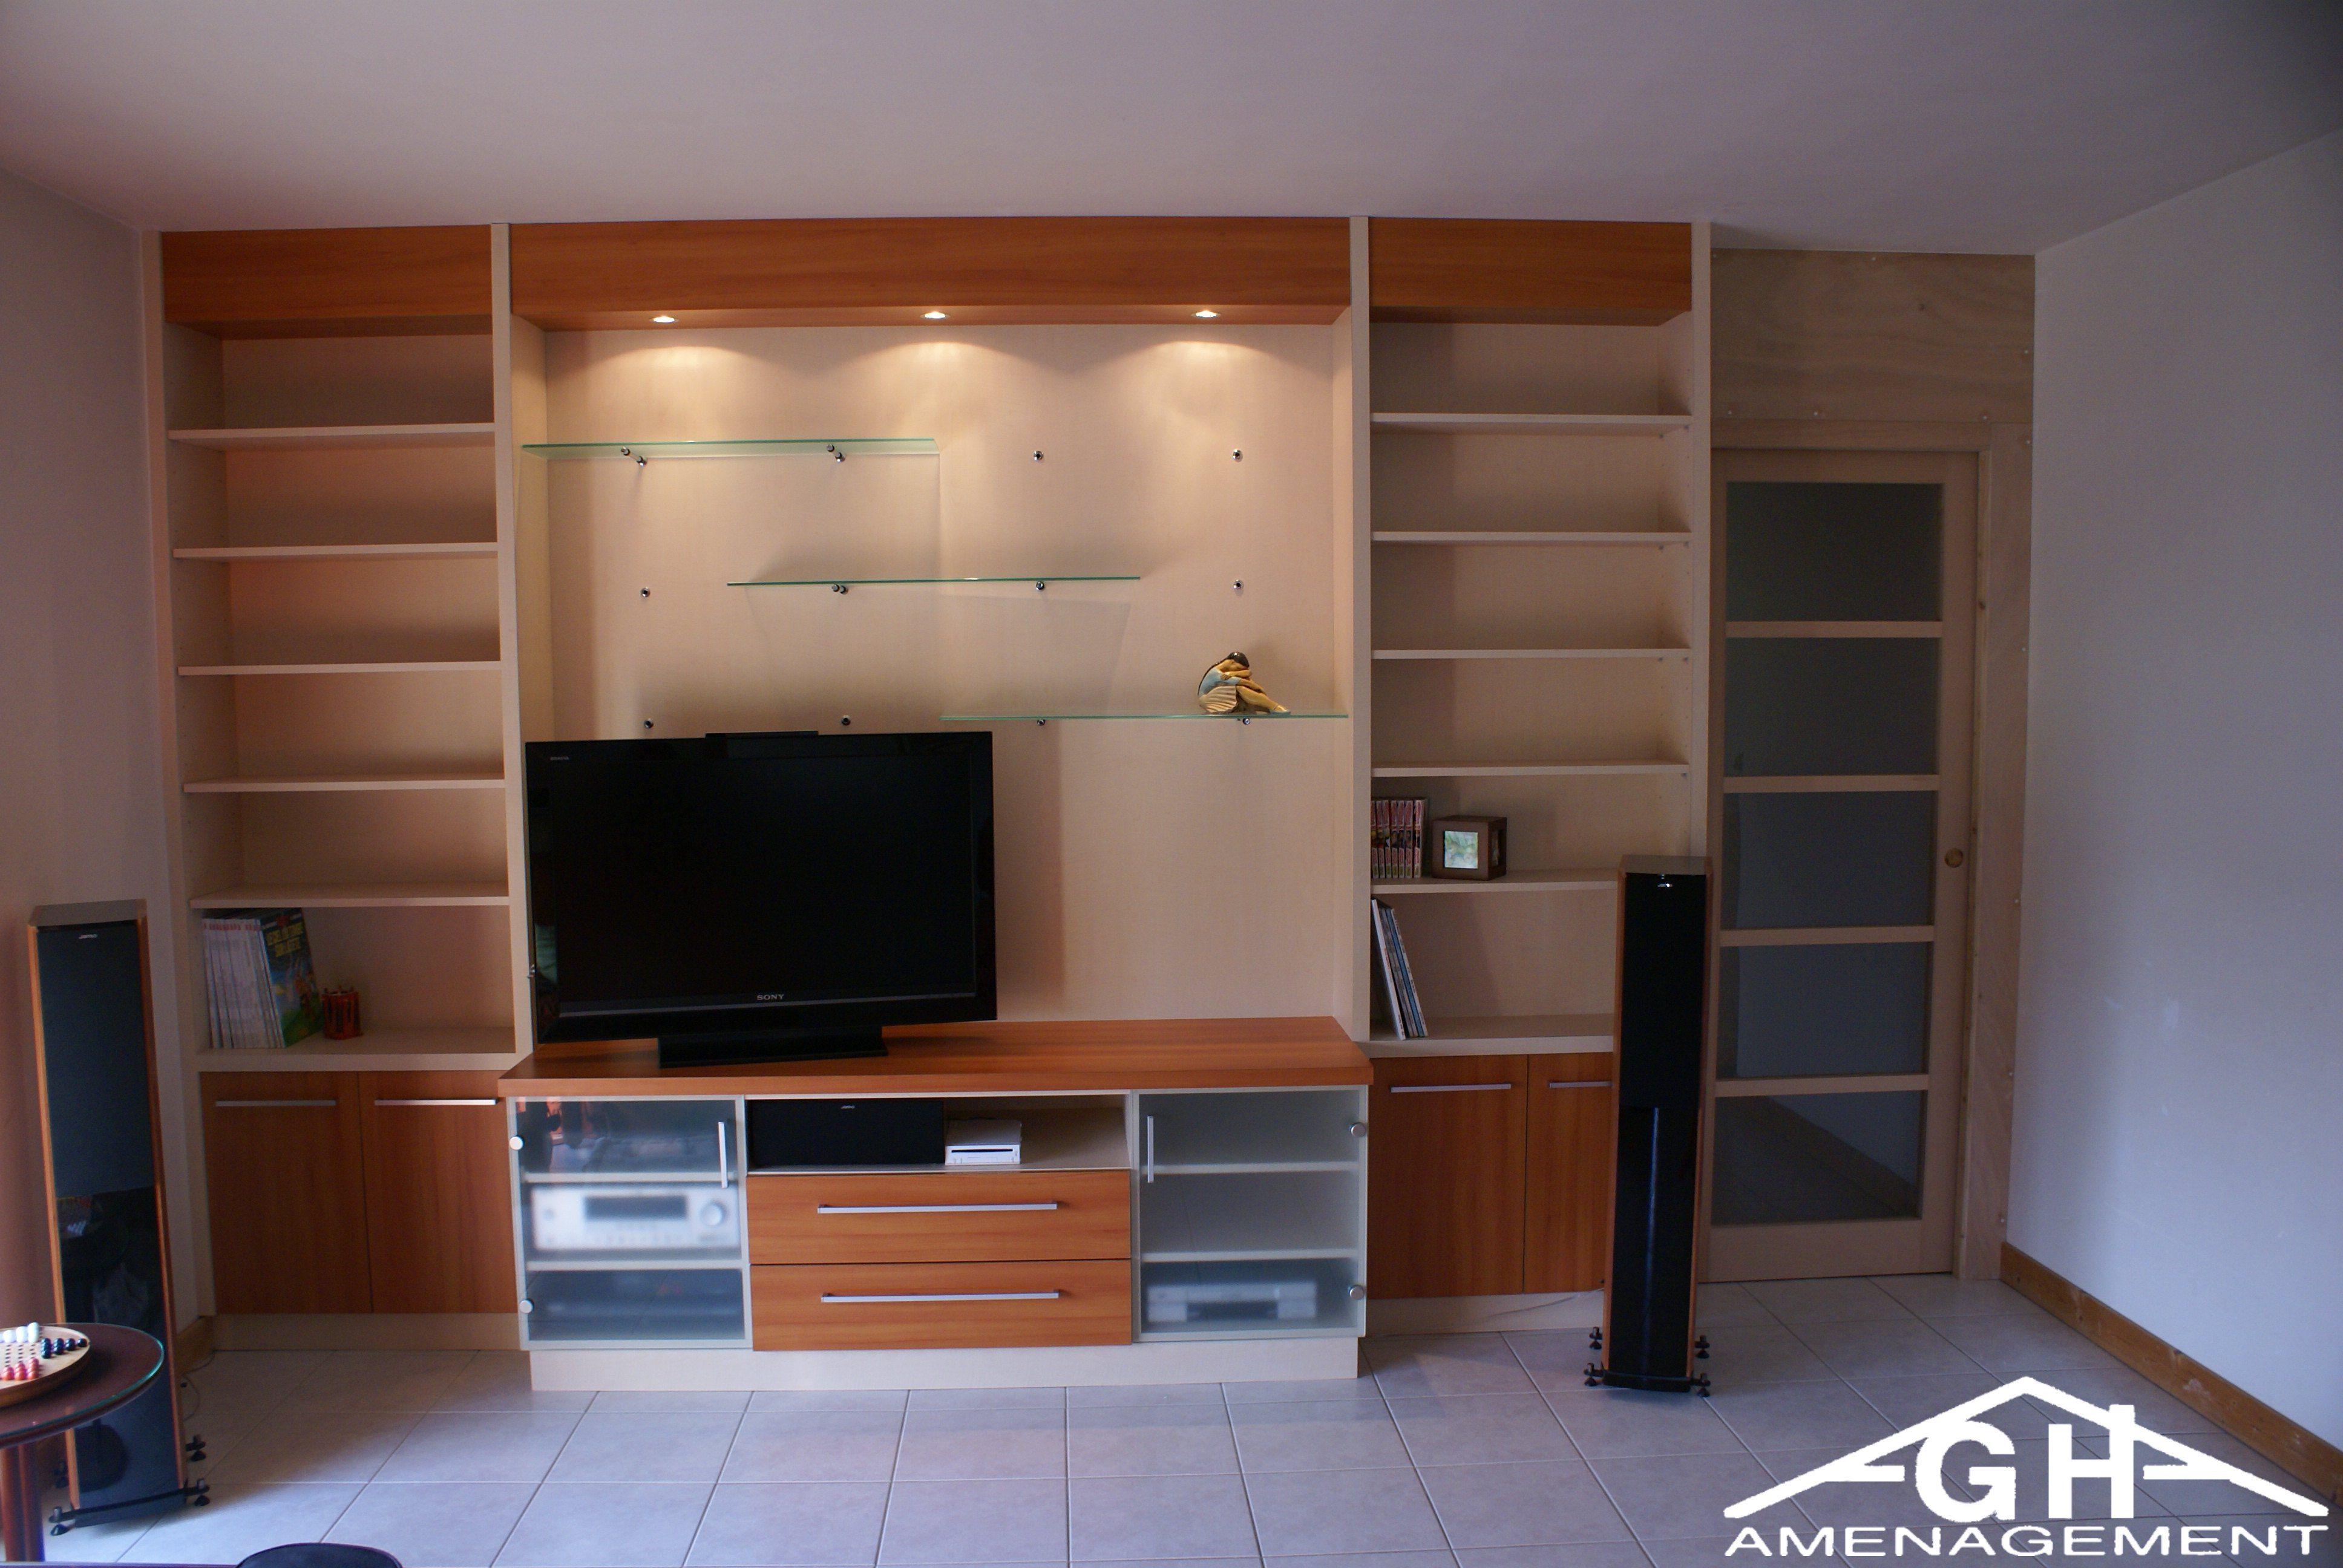 Meuble Tv Hifi Intégré meuble tv - hifi et bibliothèque + porte coulissante